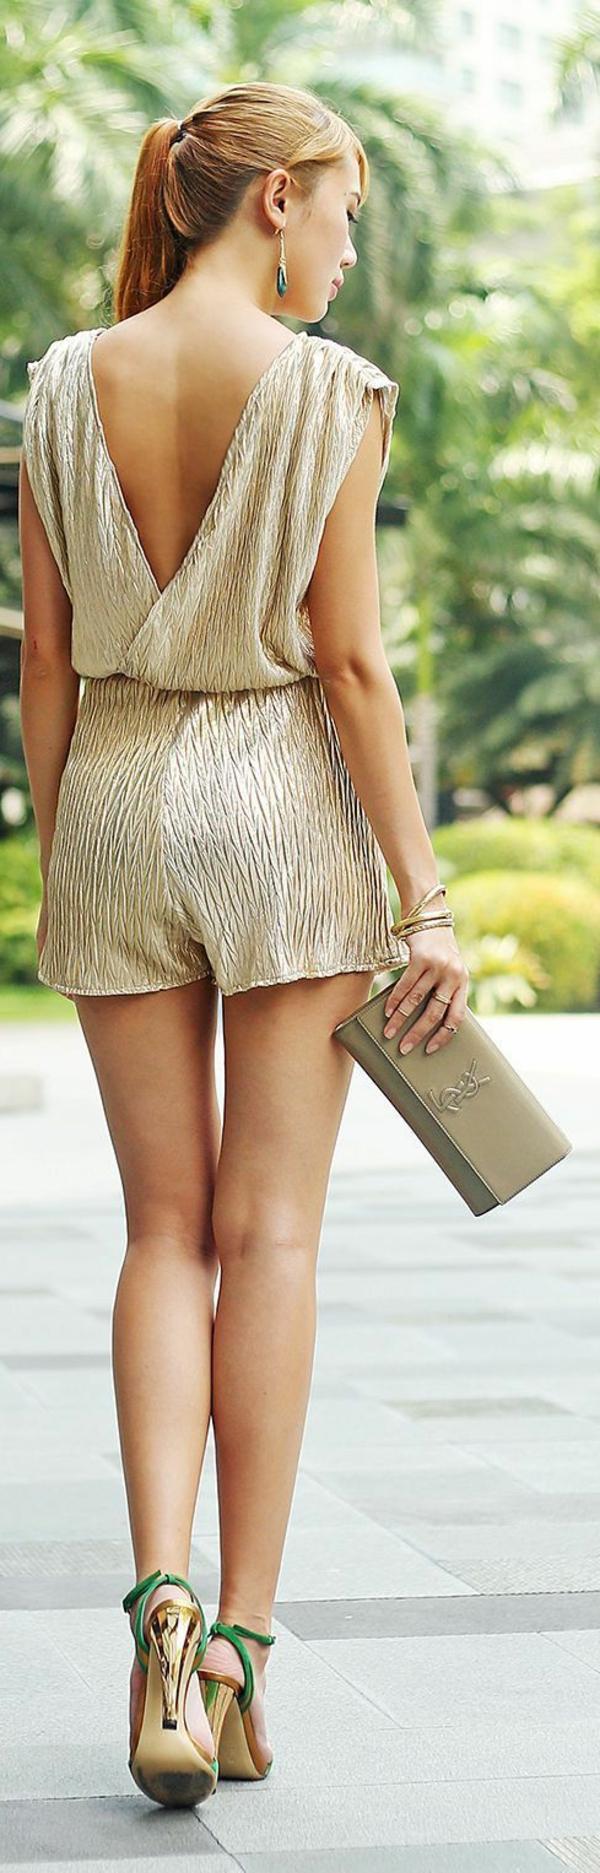 combi-pantalon-court-élégant-beige-sac-luis-vi-ton-dos-ouvert